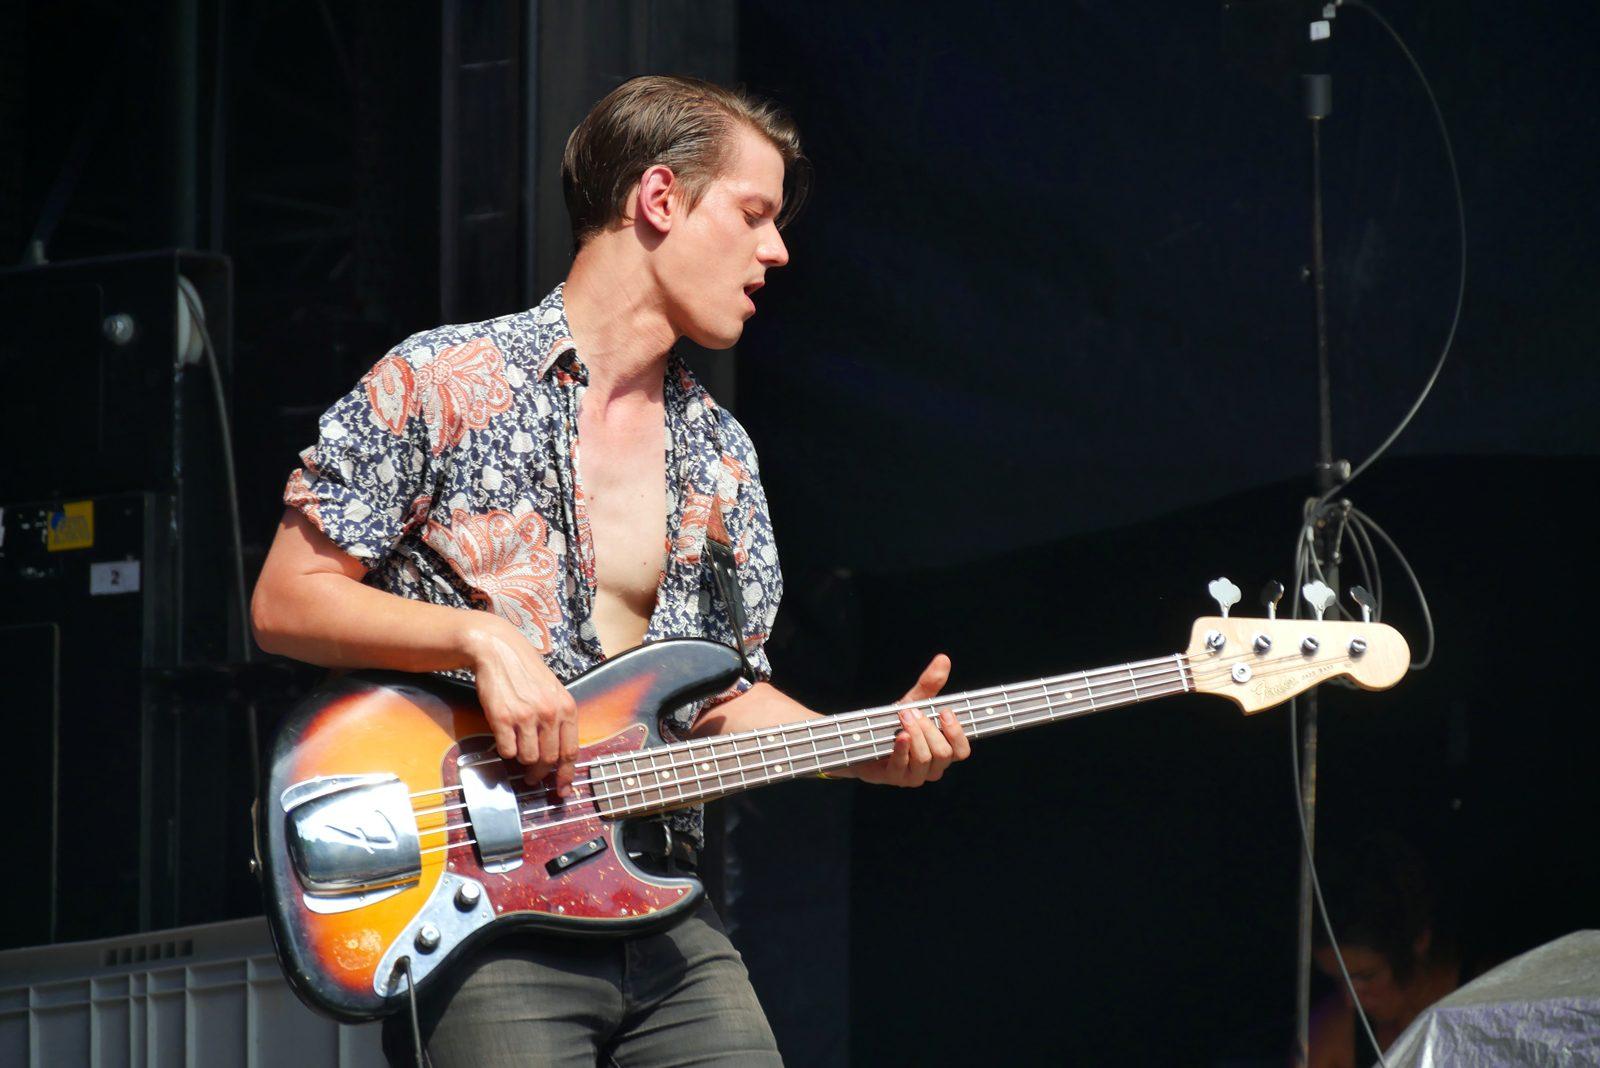 Theo Lawrence and the heart guitariste concert live Rock en Seine 2016 festival paris photo scène usofparis blog